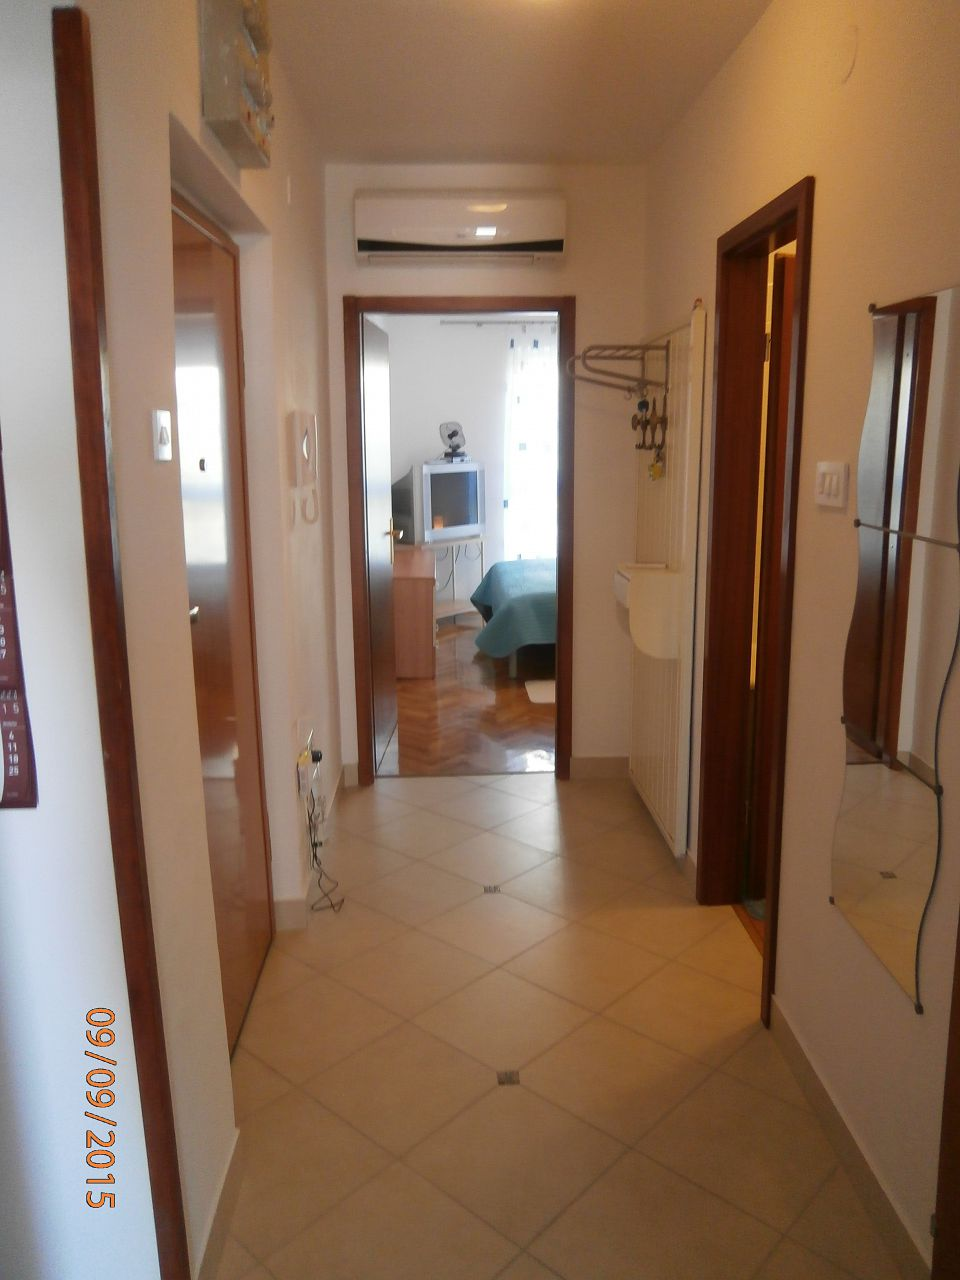 5751 - Lovran - Apartments Croatia - A1(2+2): hallway